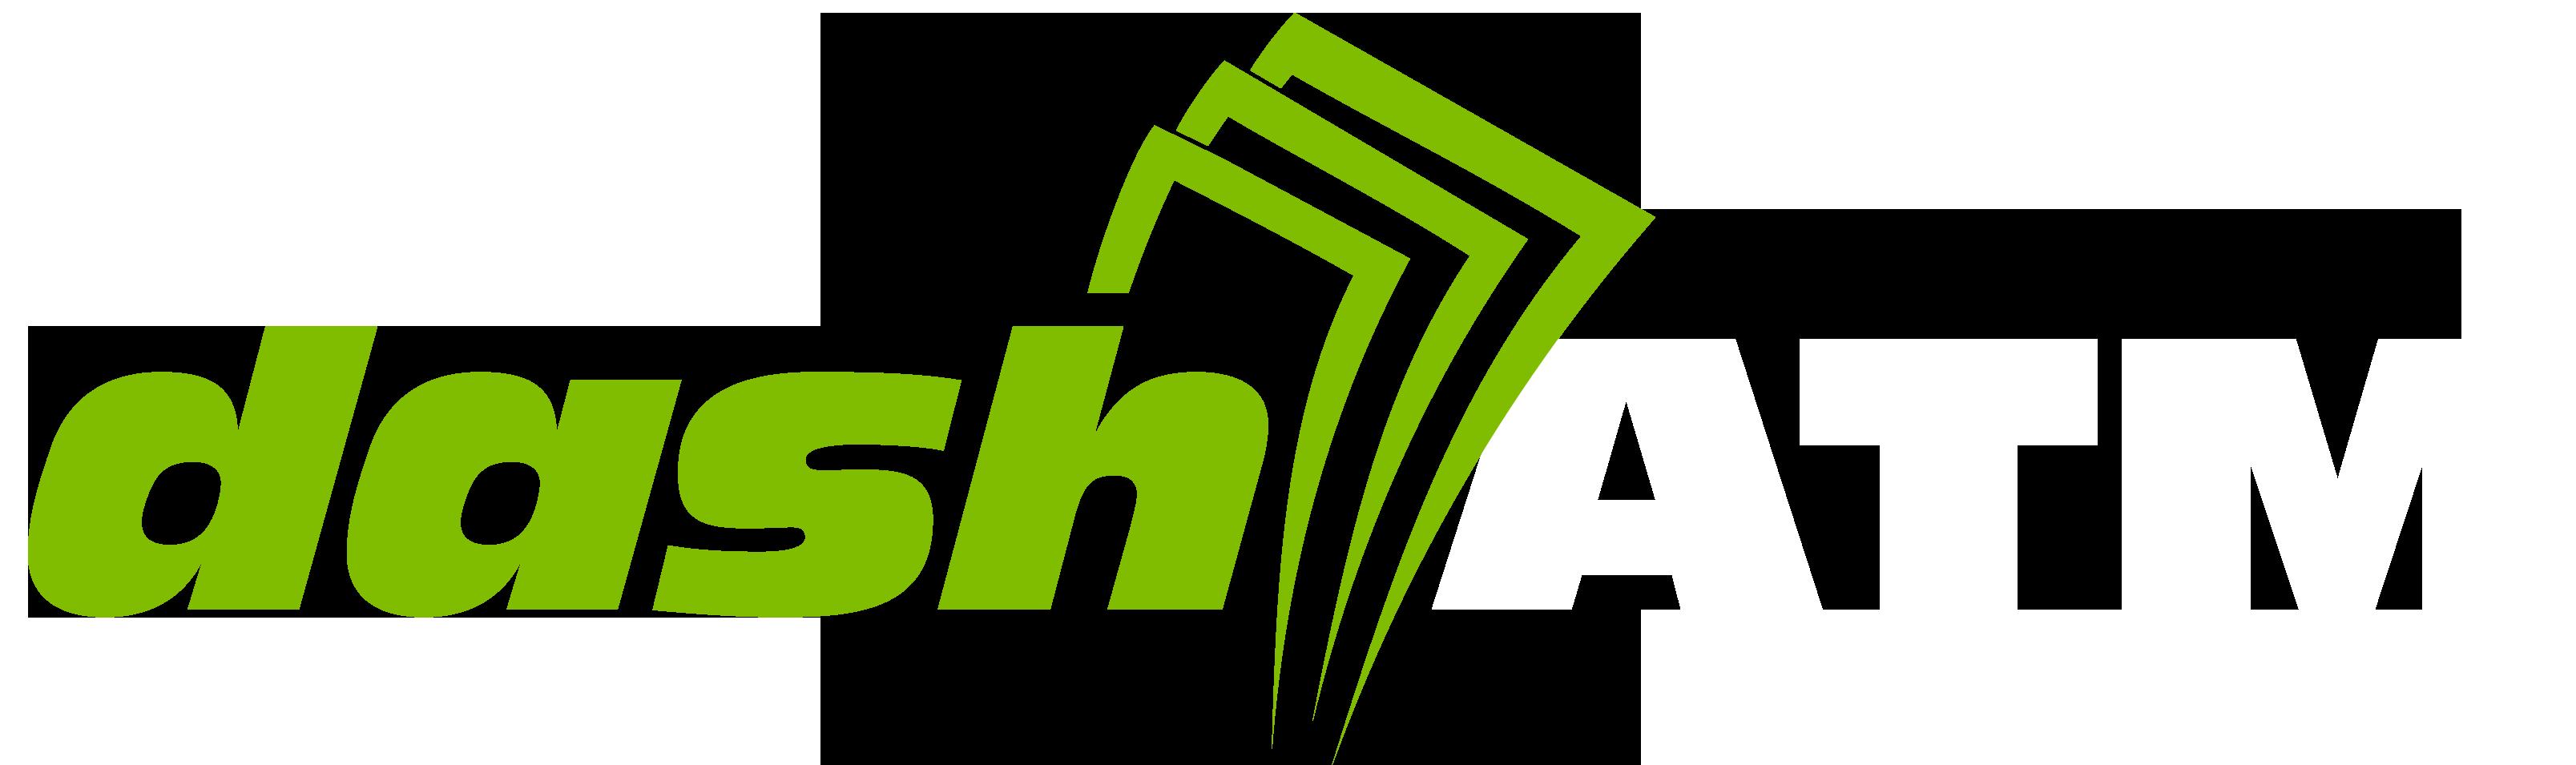 Dash ATM